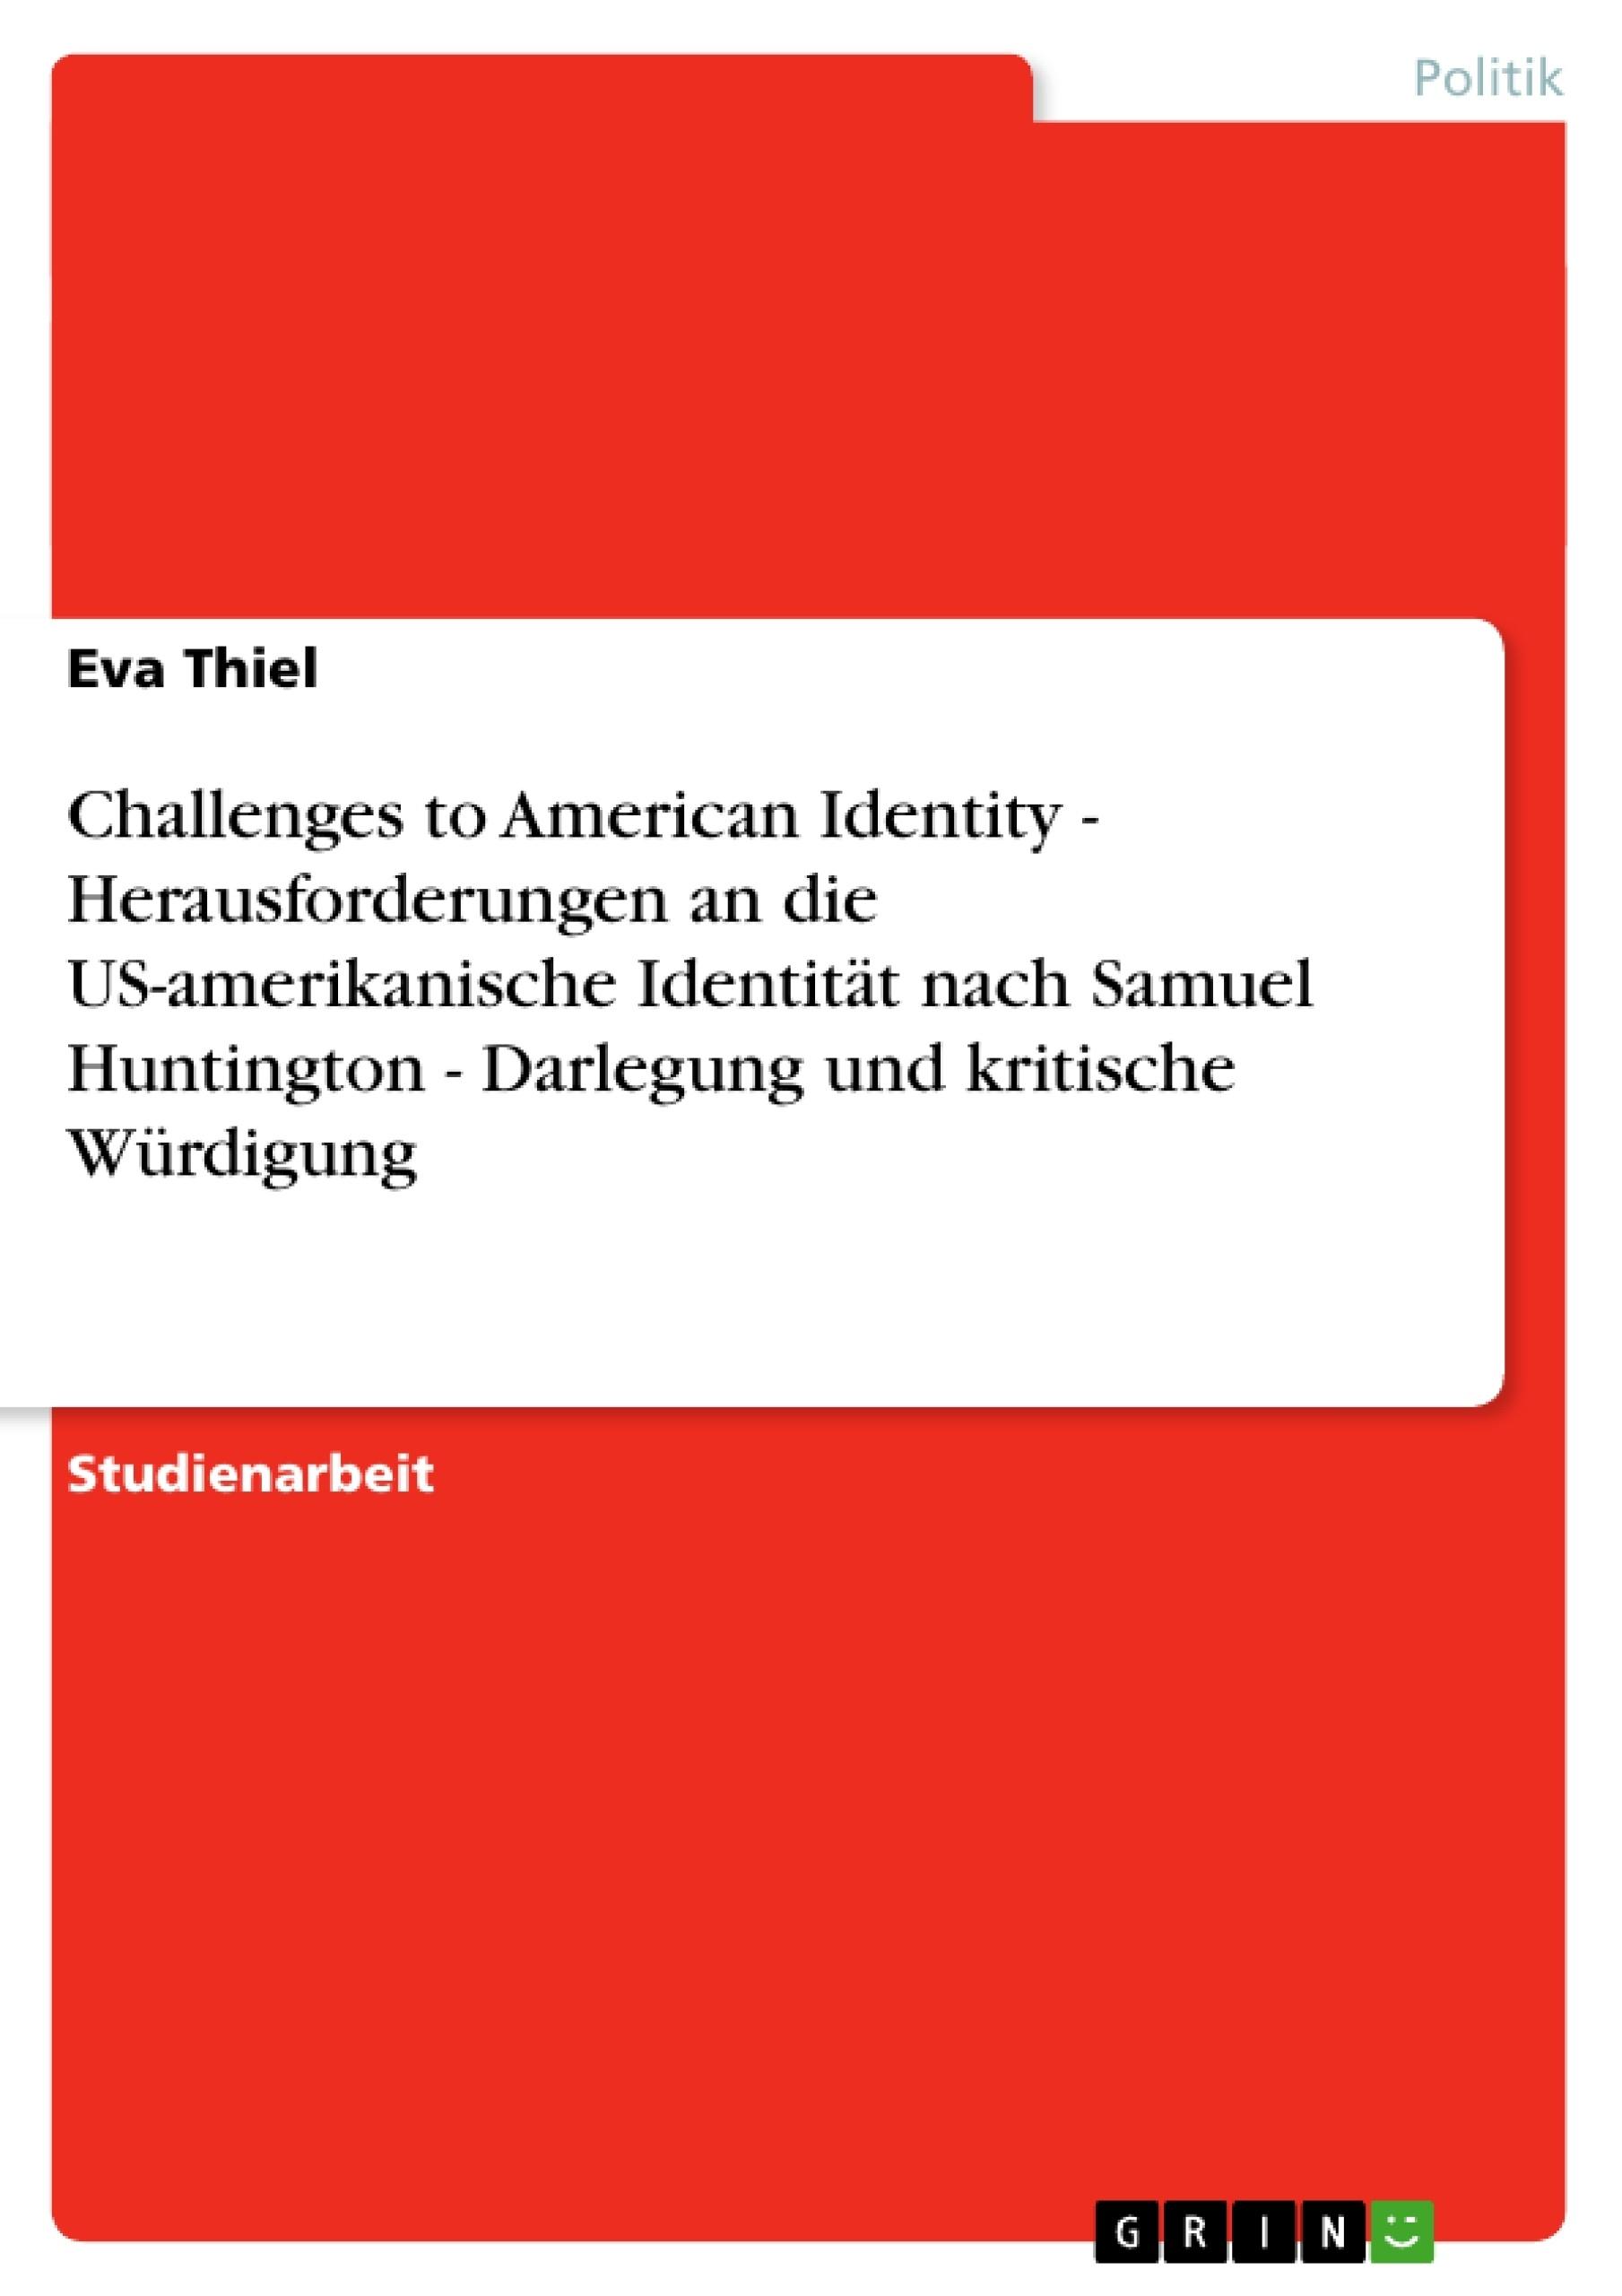 Titel: Challenges to American Identity - Herausforderungen an die US-amerikanische Identität nach Samuel Huntington - Darlegung und kritische Würdigung